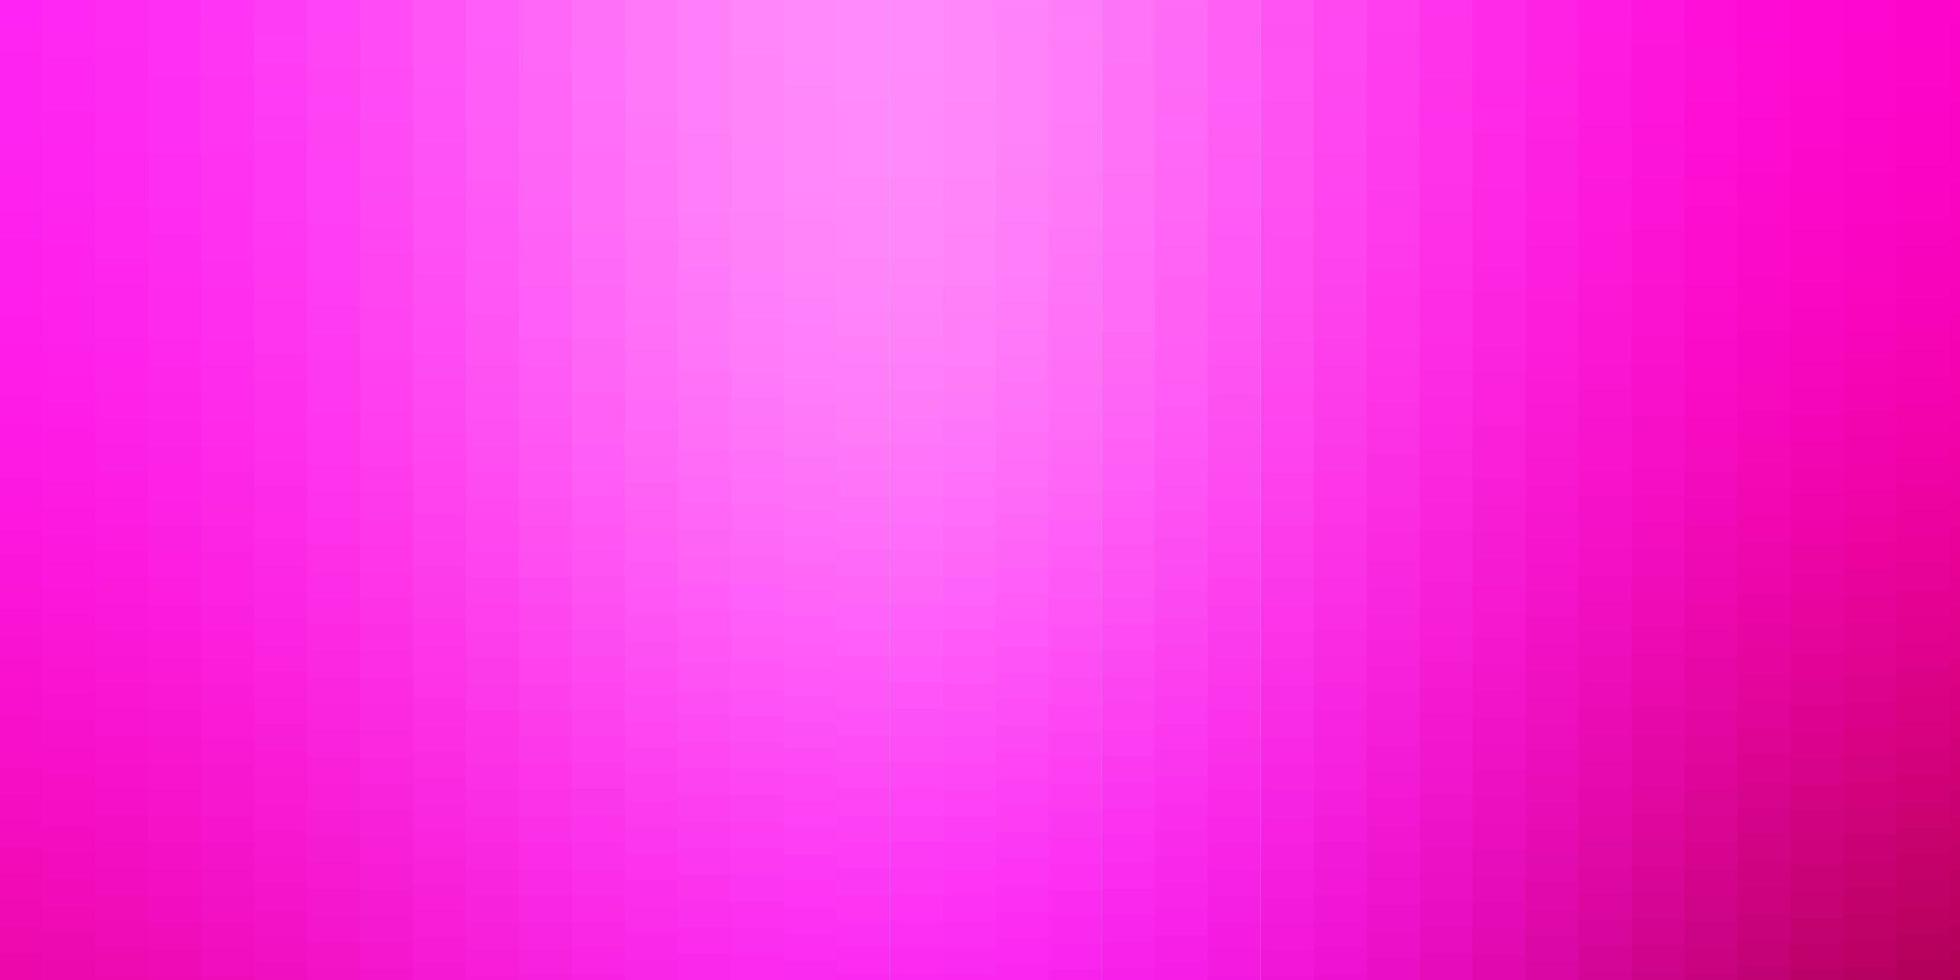 rosa konsistens i rektangulär stil. vektor